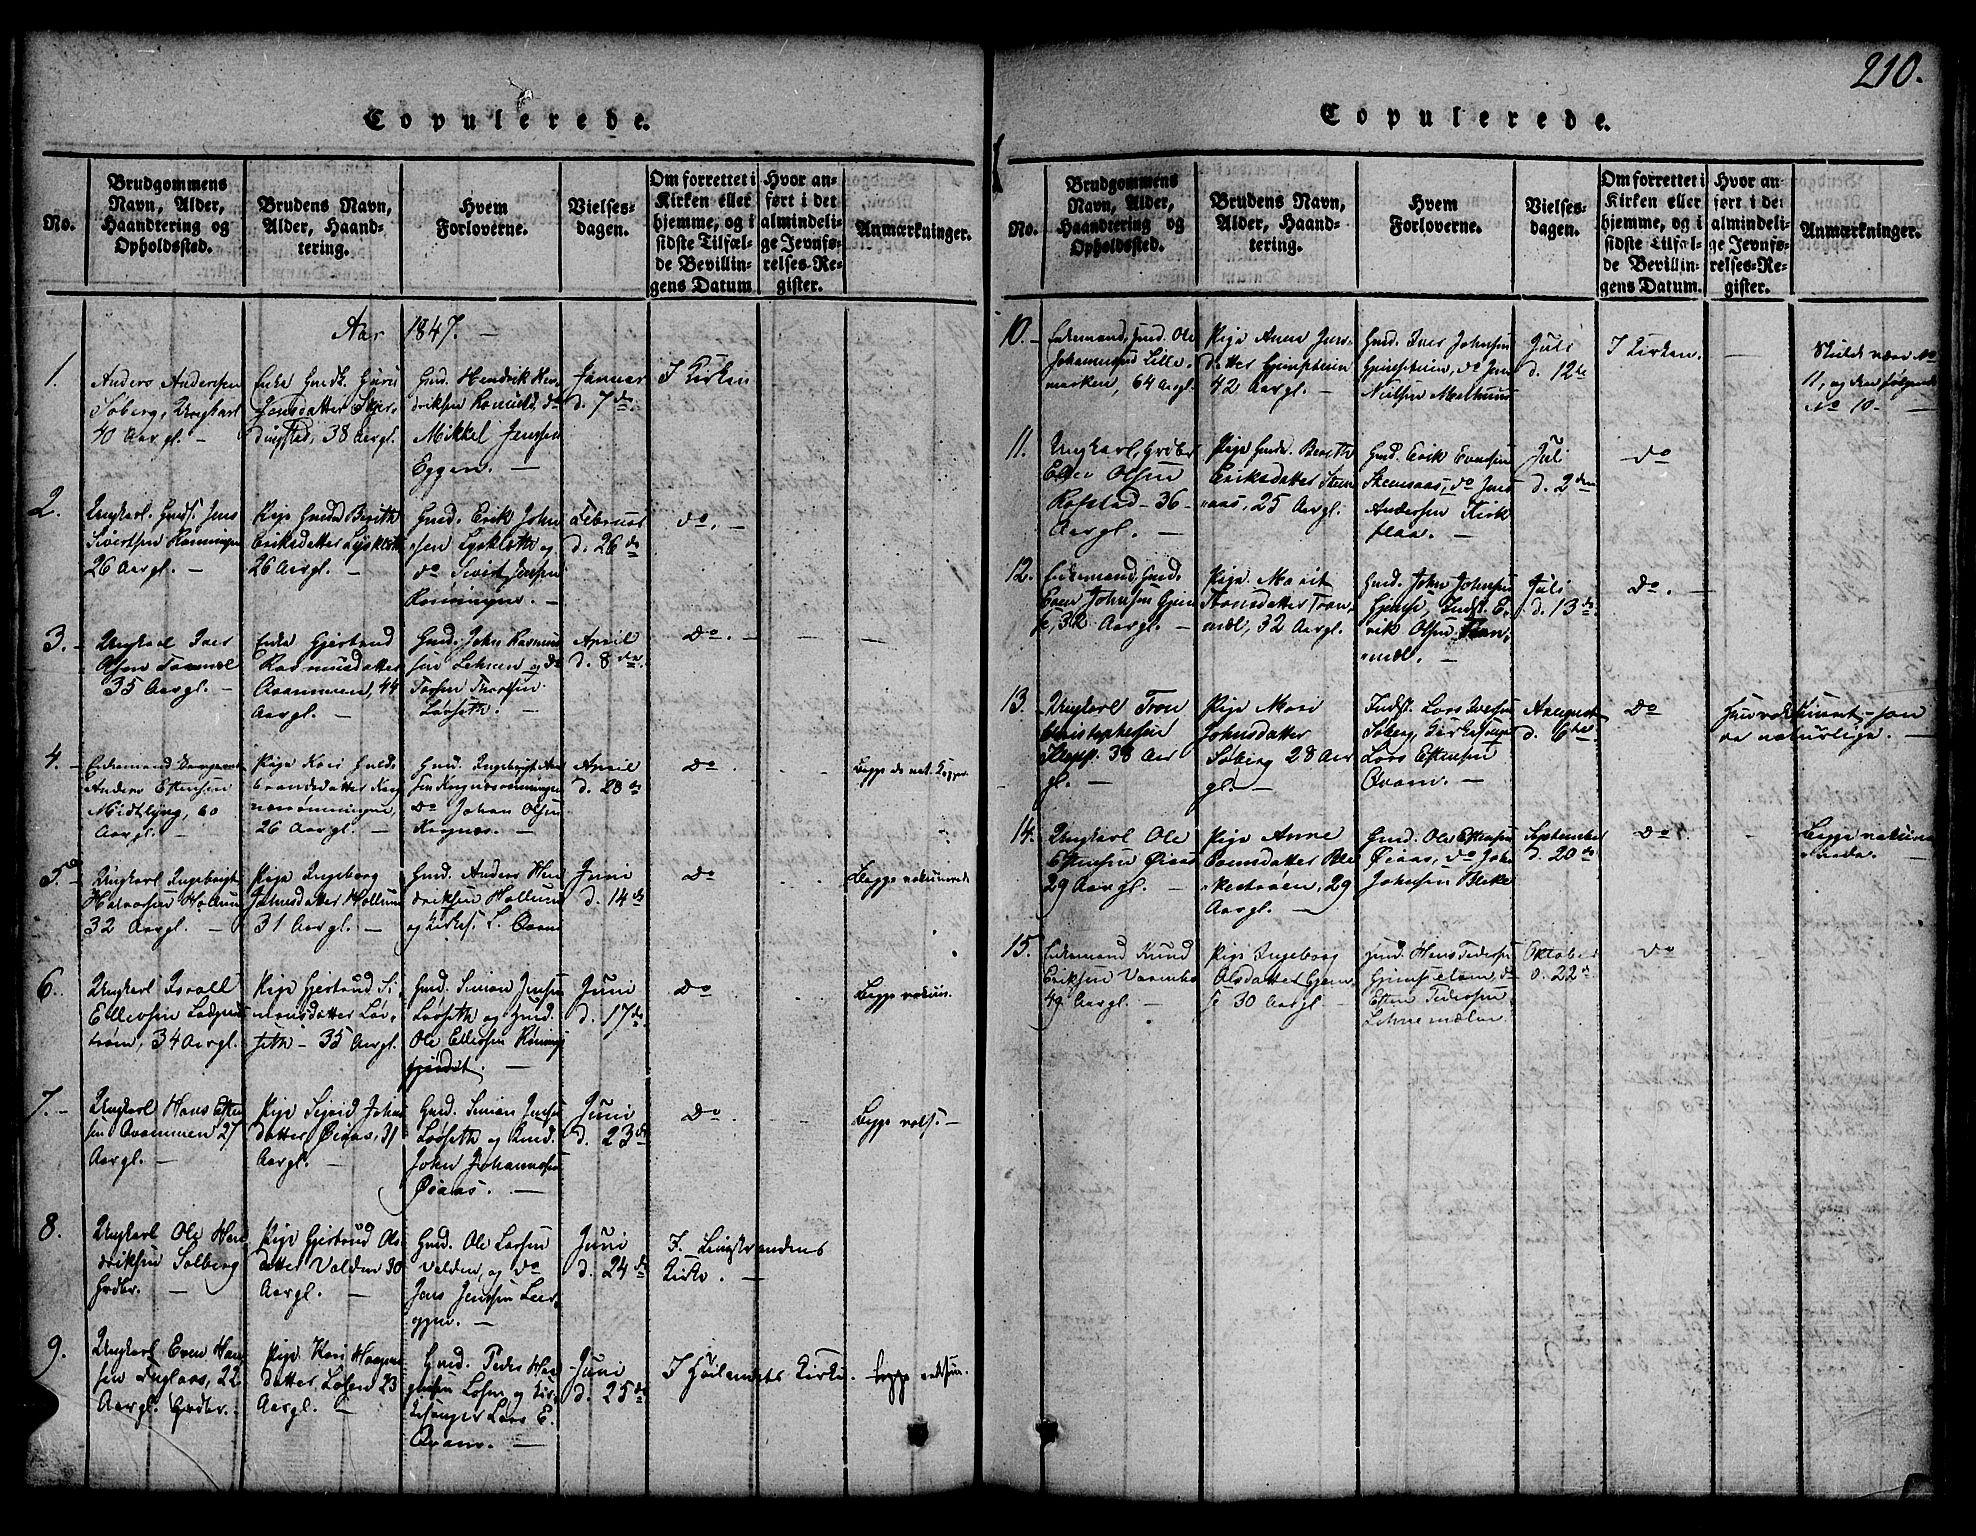 SAT, Ministerialprotokoller, klokkerbøker og fødselsregistre - Sør-Trøndelag, 691/L1092: Klokkerbok nr. 691C03, 1816-1852, s. 210